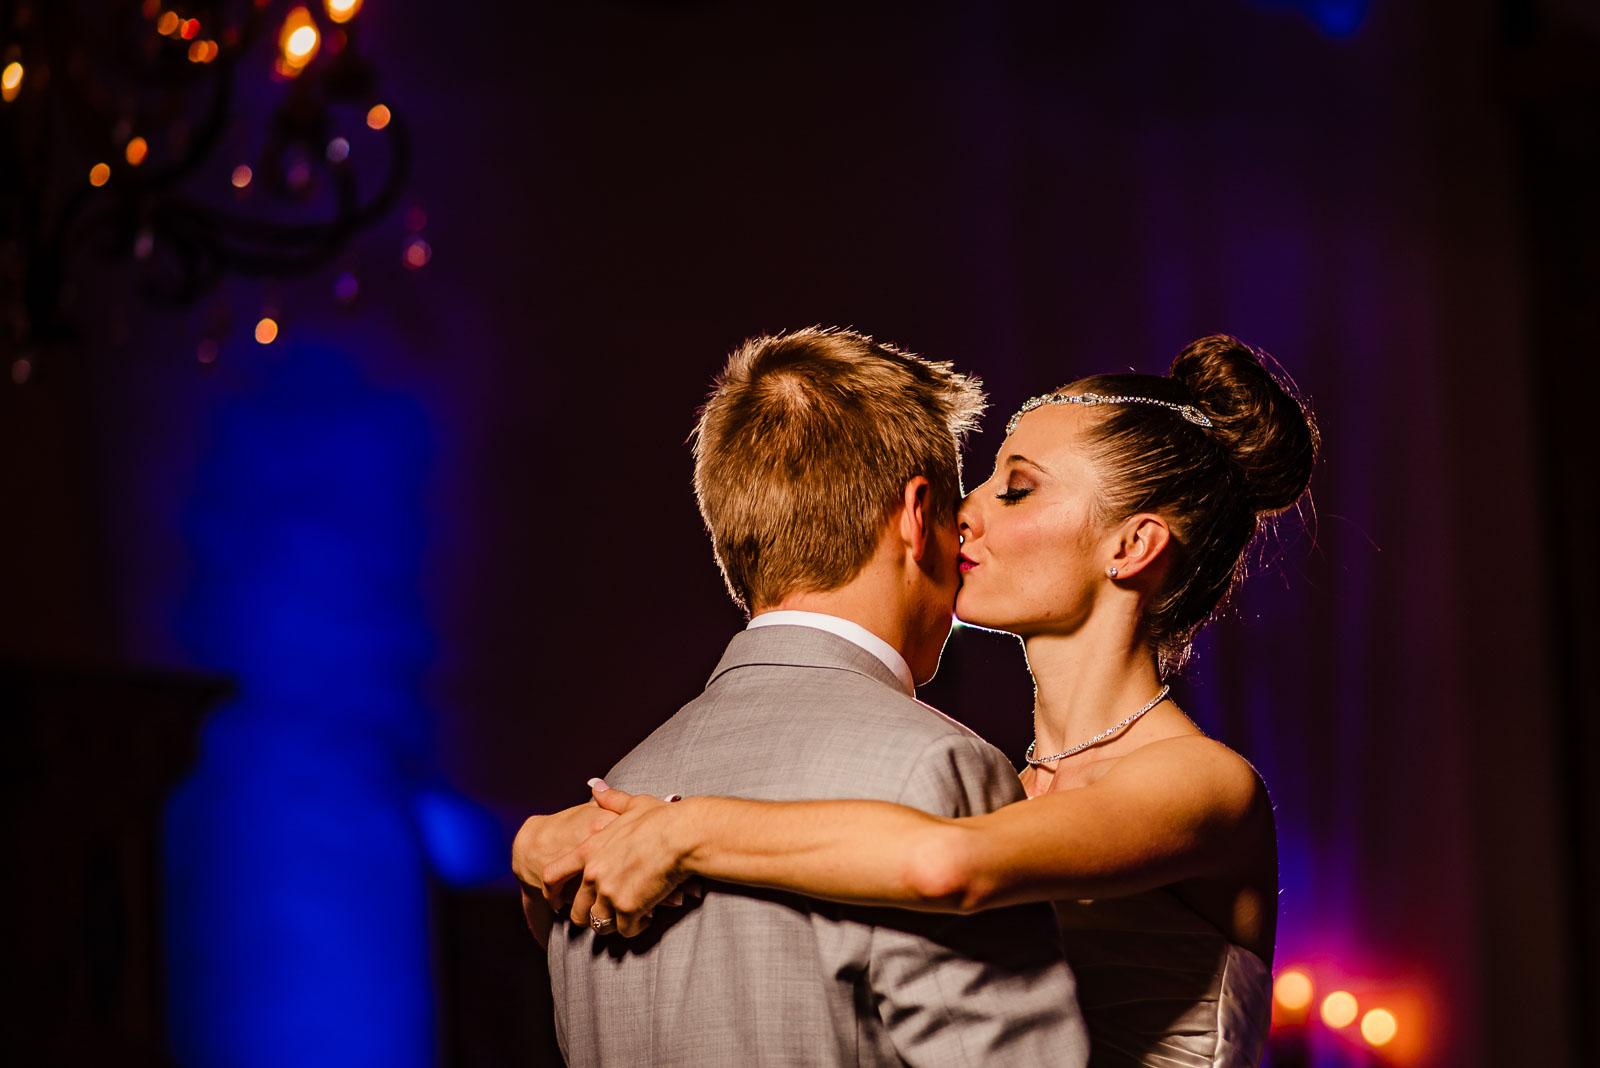 Bride kisses groom